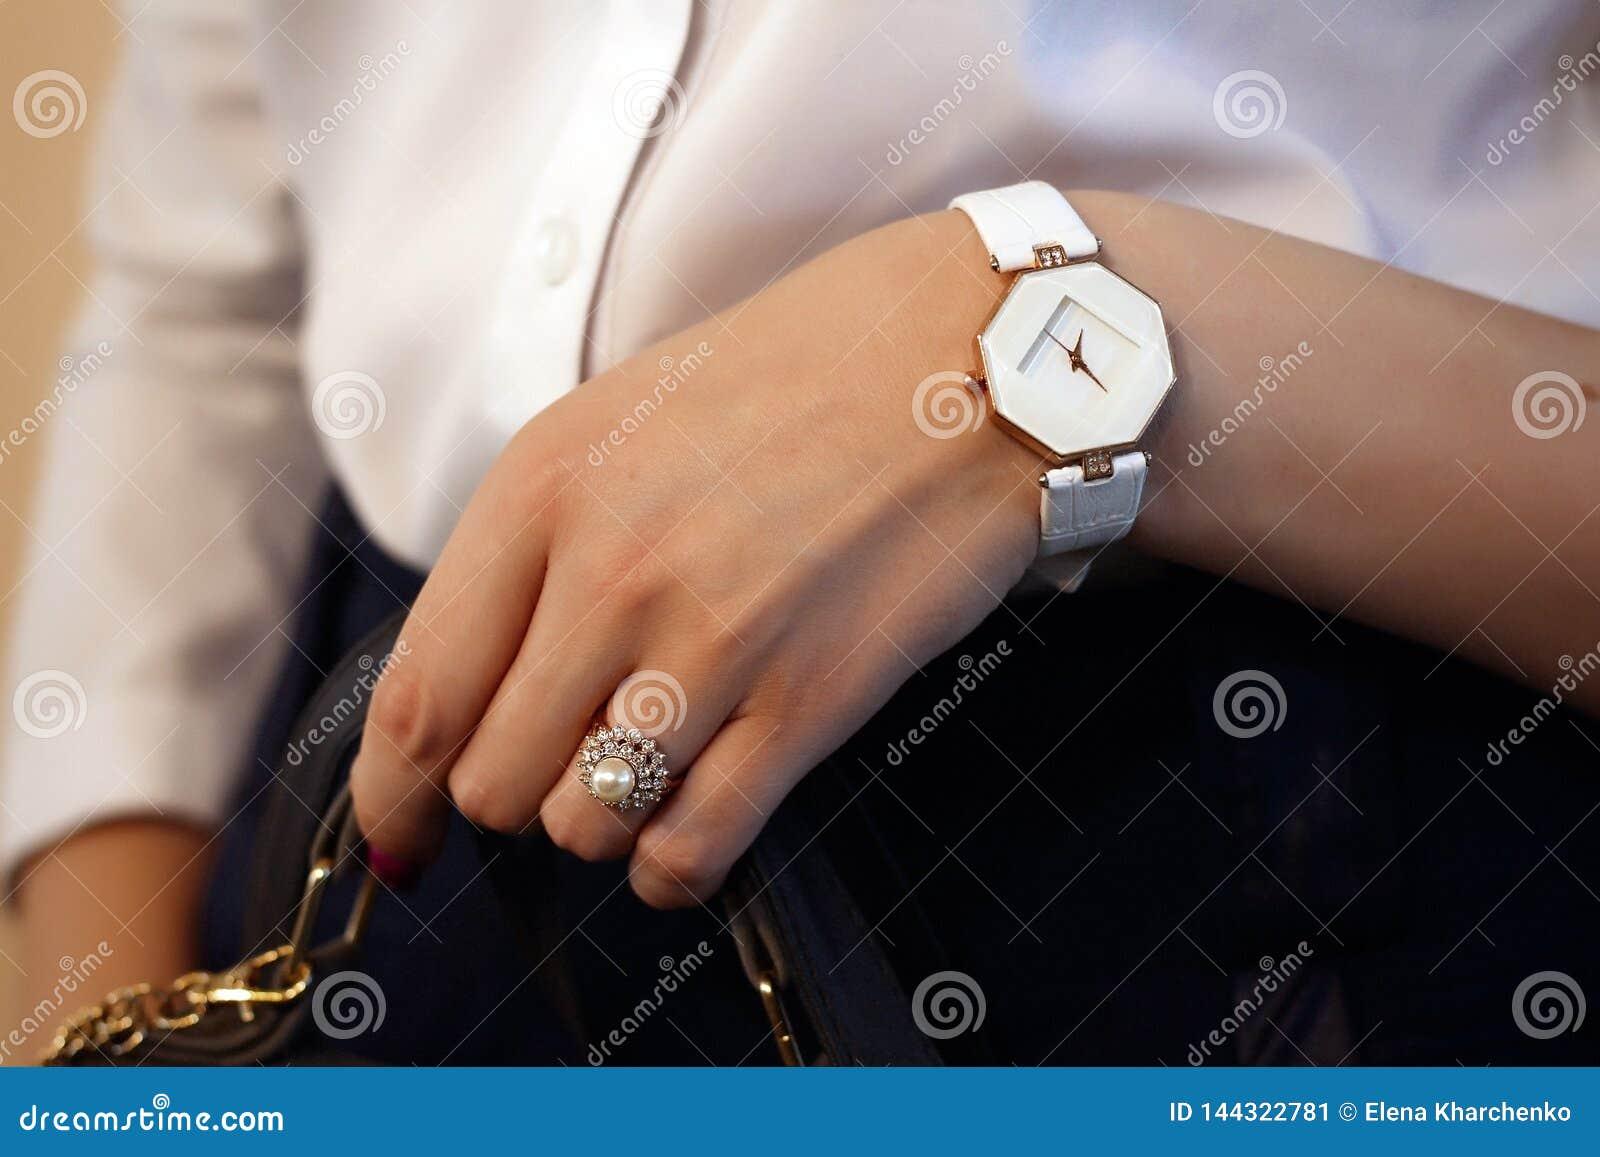 En cirkel med stenar och en klocka på handen av en flicka